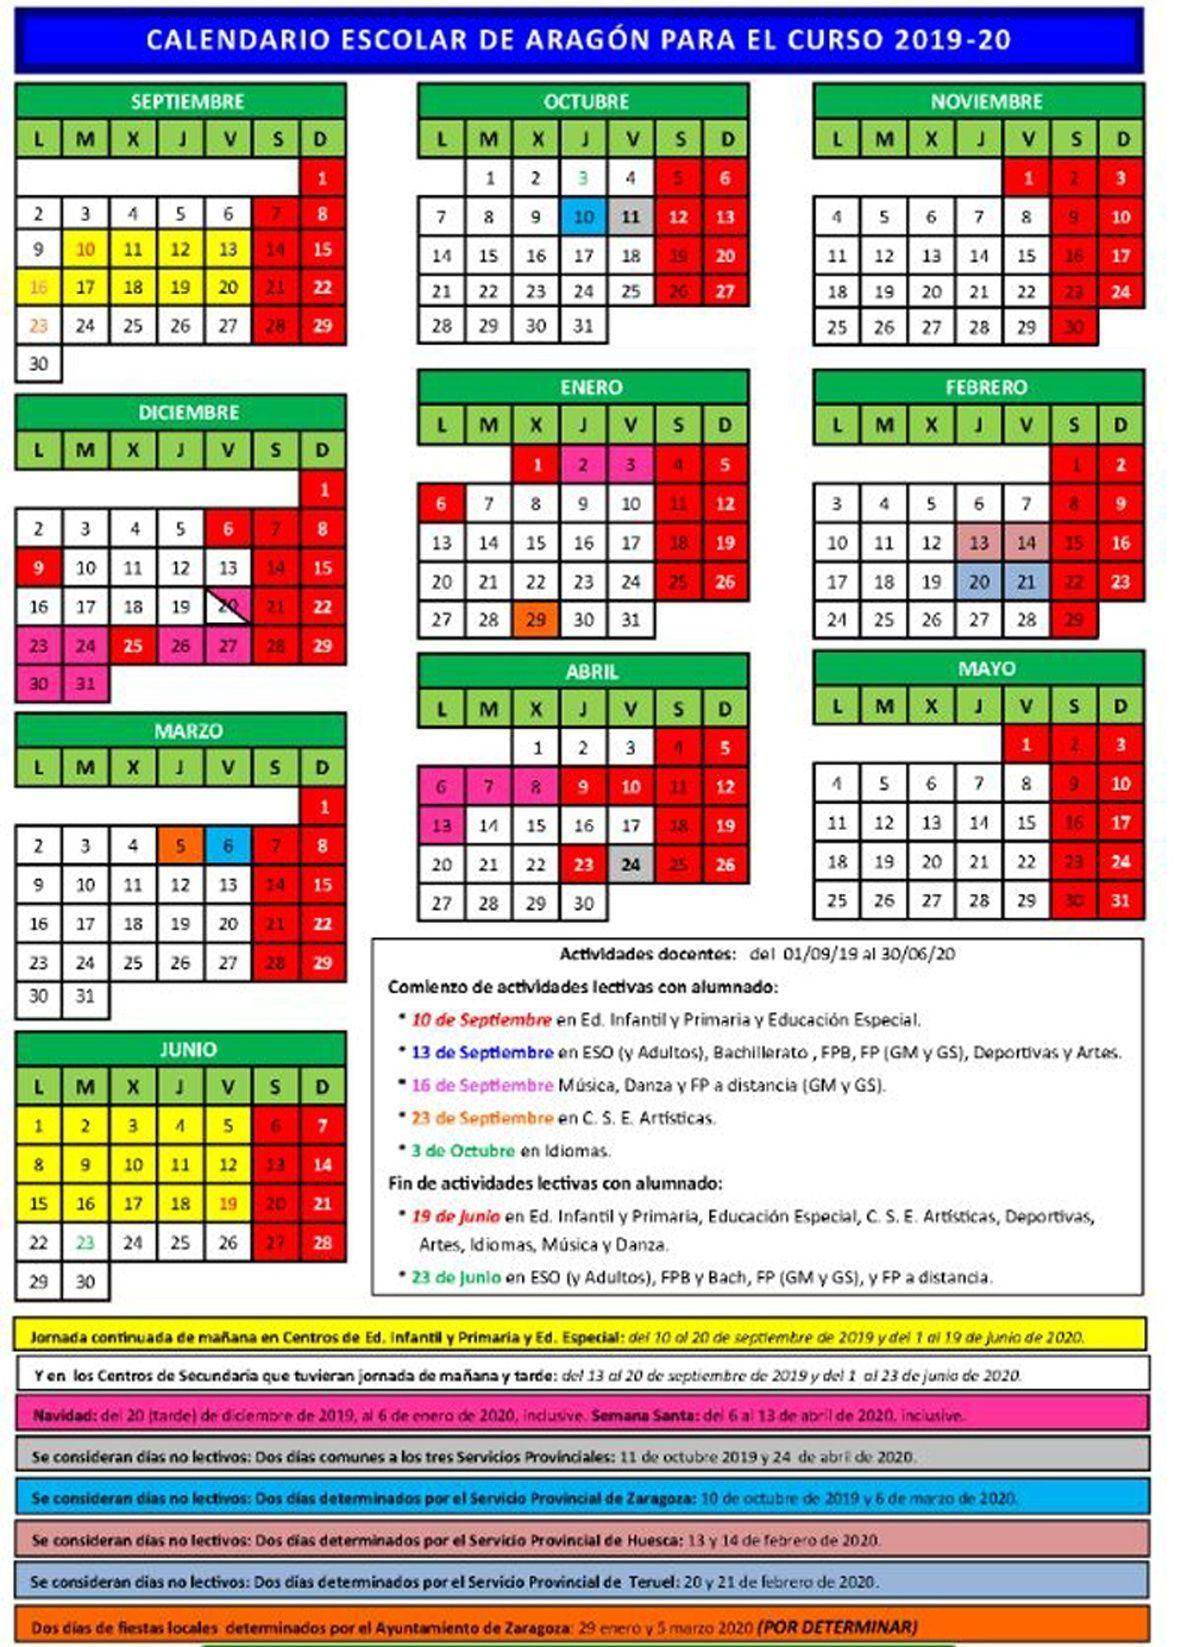 Calendario Escolar Aragon 2020.Calendario Escolar 2019 2020 En Aragon Educacion 3 0